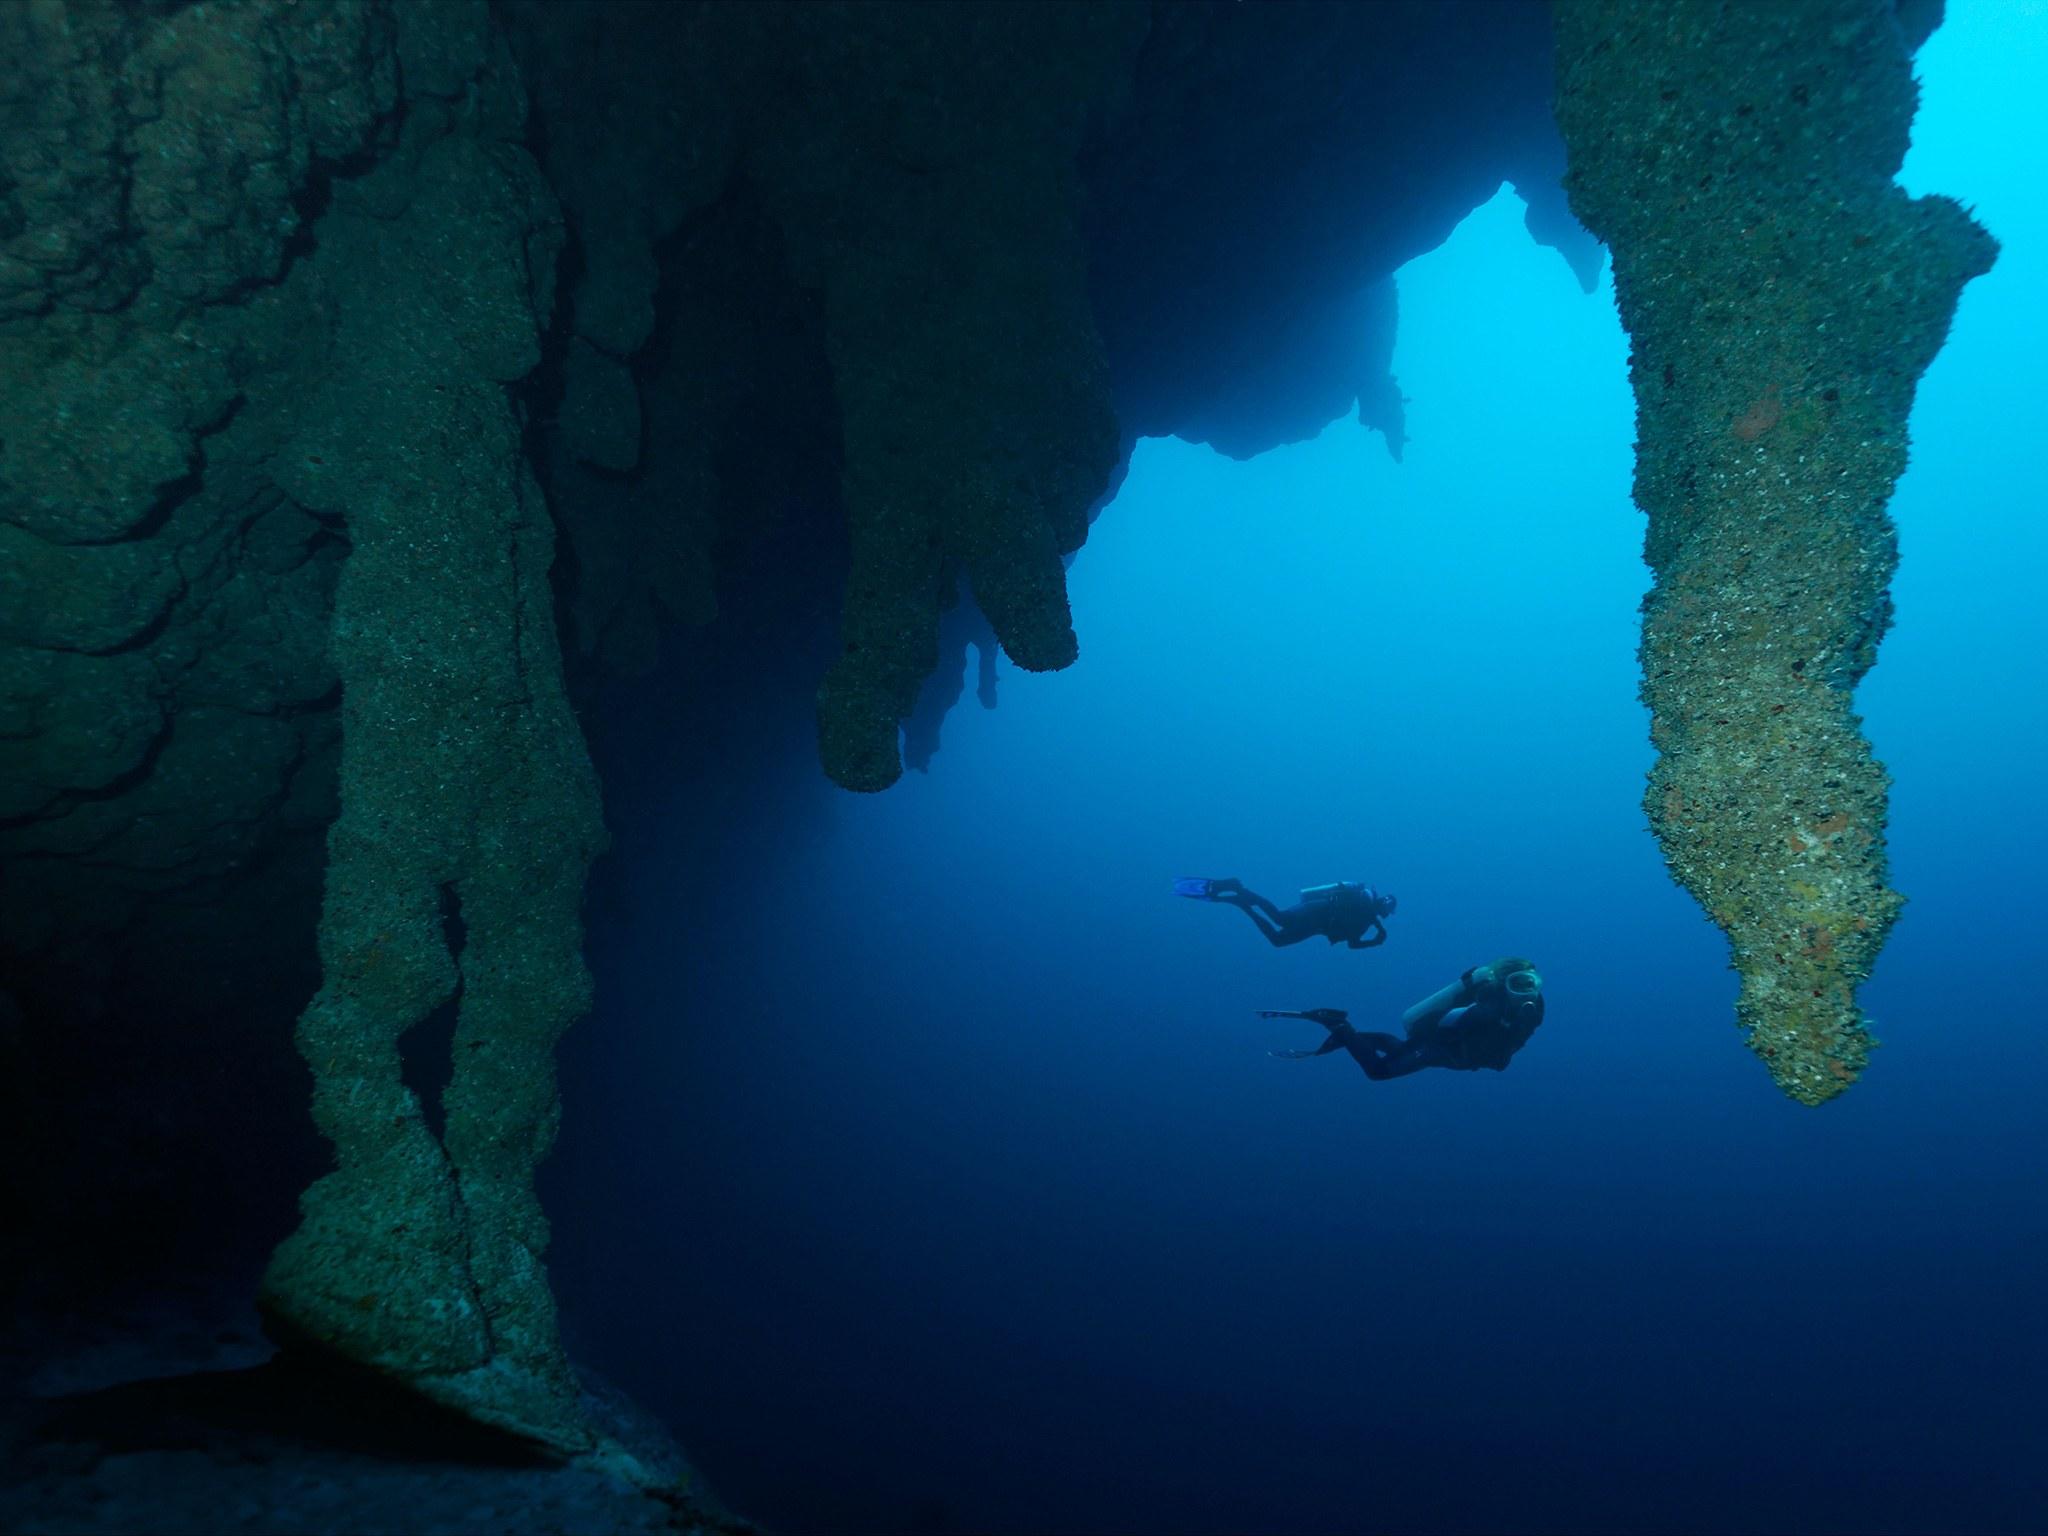 8. Большая голубая дыра, Белиз. Круглая карстовая воронка, уходящая вглубь на 120 метров, расположен